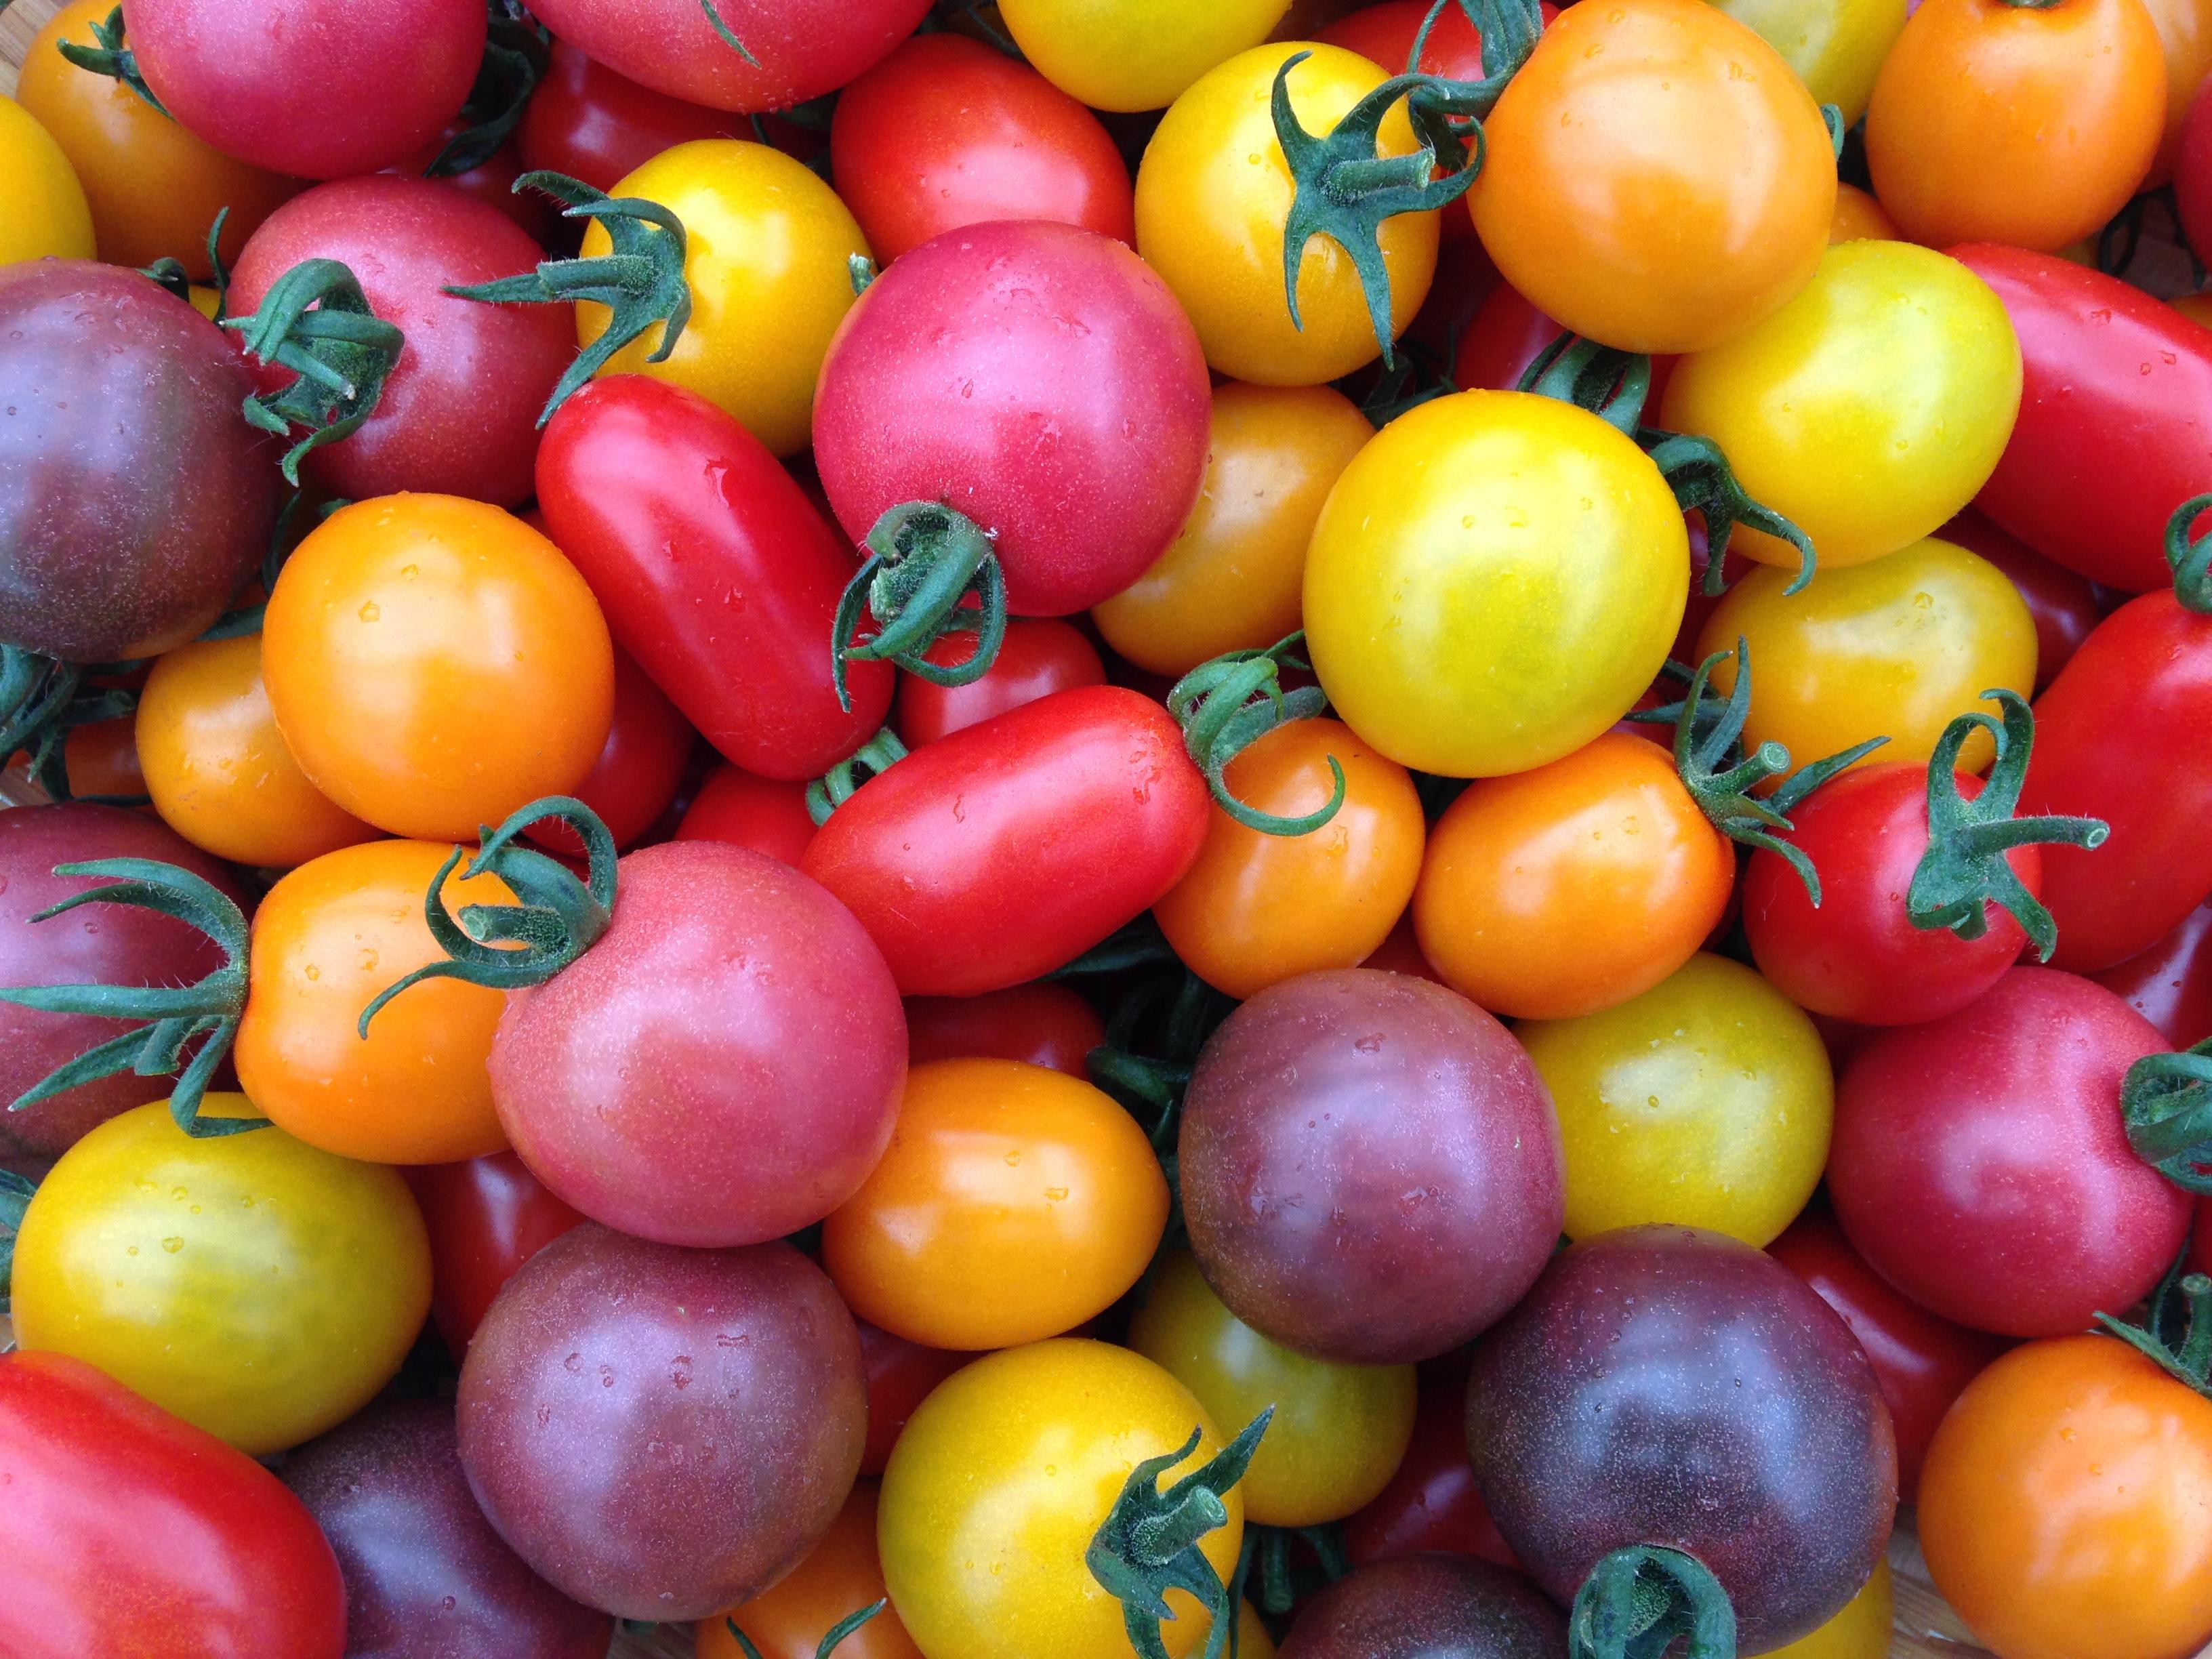 カラフルなトマトたち